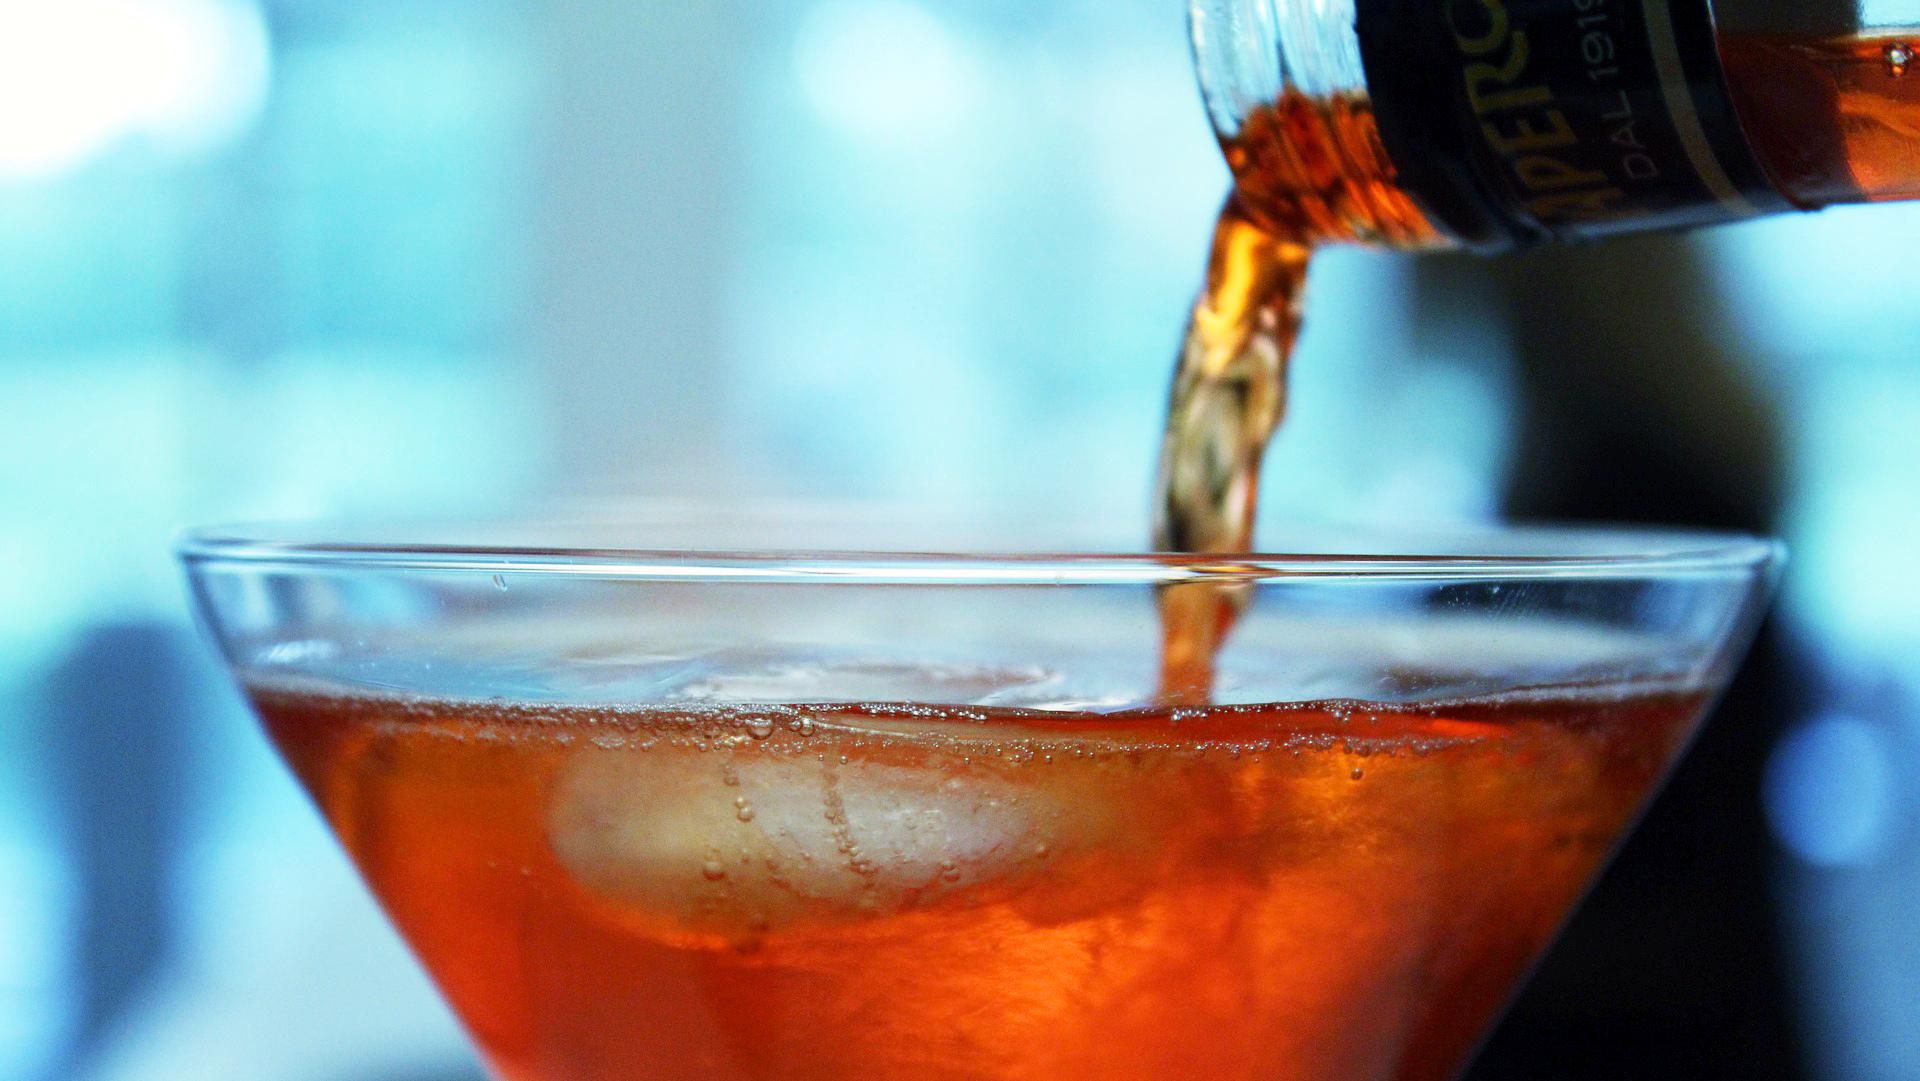 Alkohol gilt als Risikofaktor für Brustkrebs